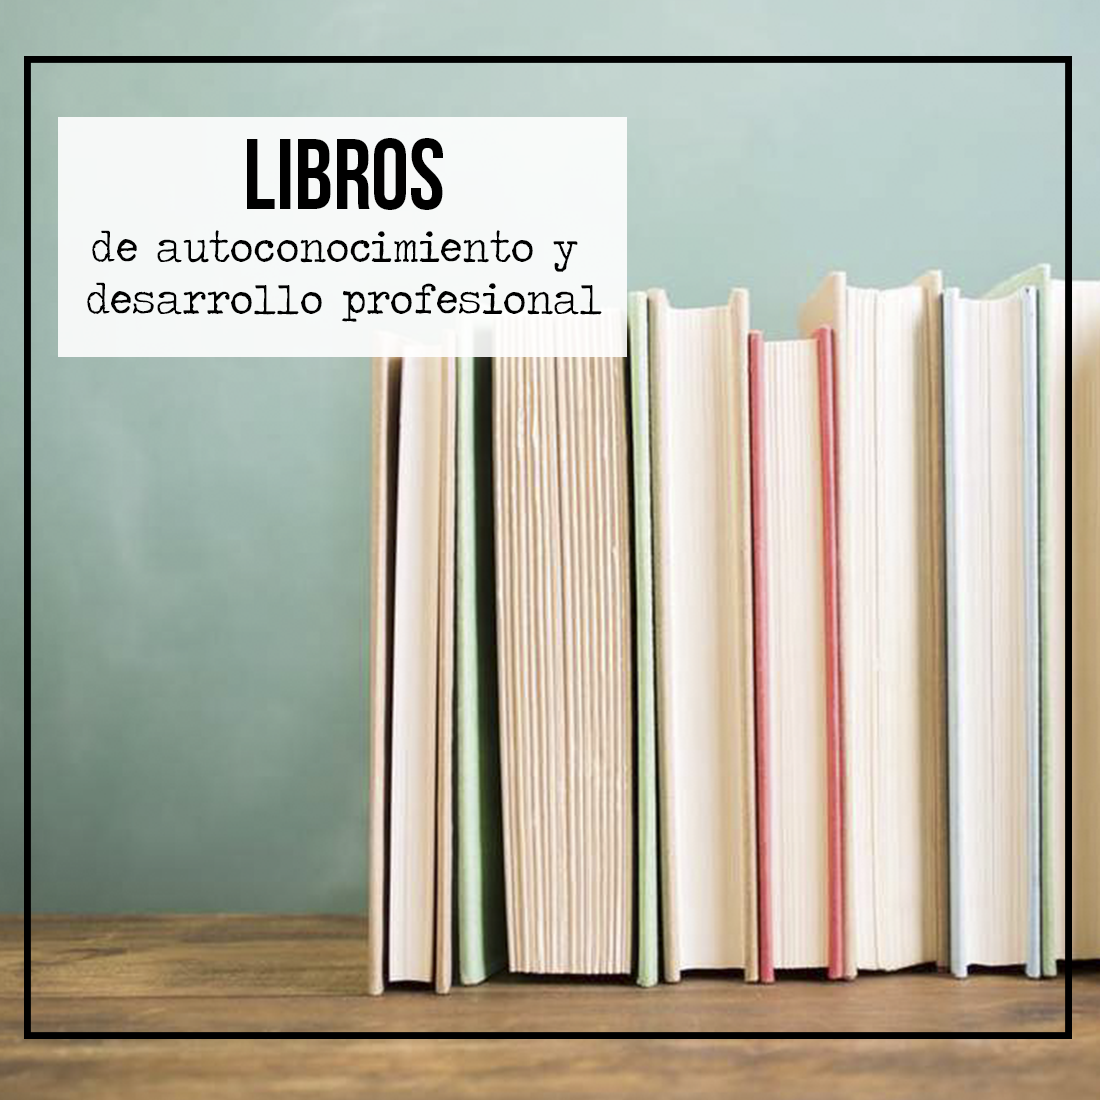 libros_desarrollo